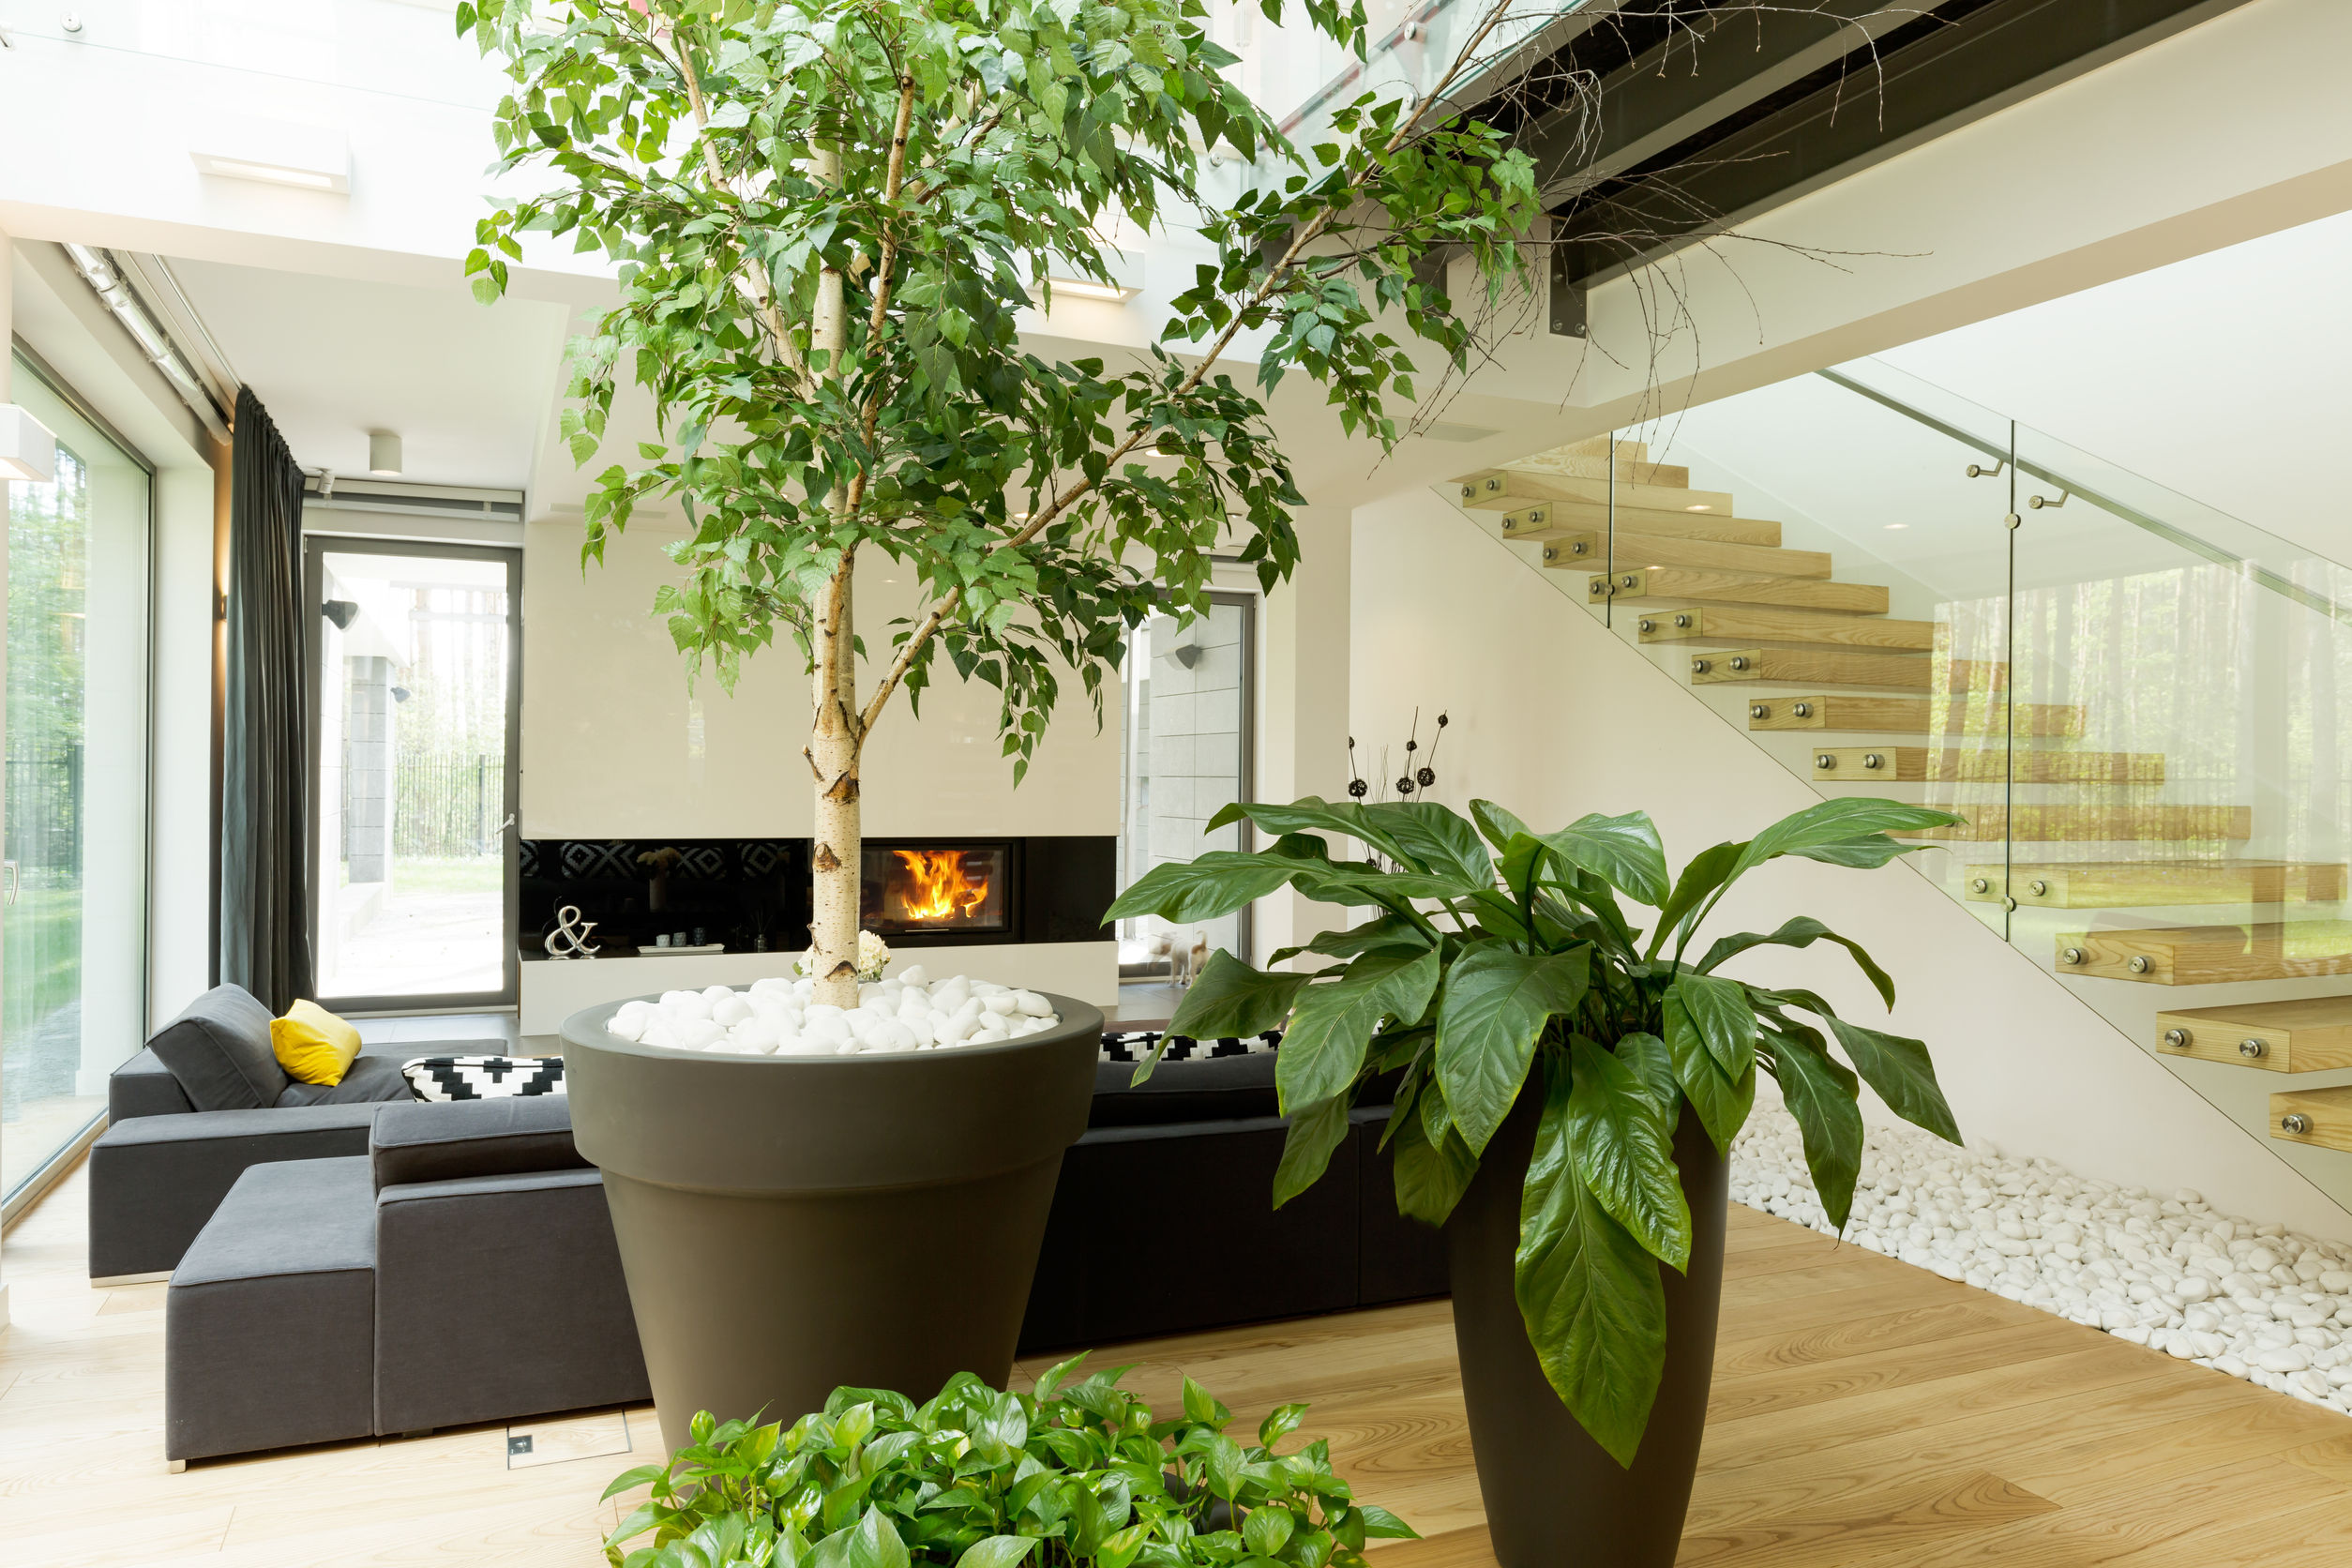 Comment d corer votre int rieur avec des plantes vertes - Plante verte salle de bain ...